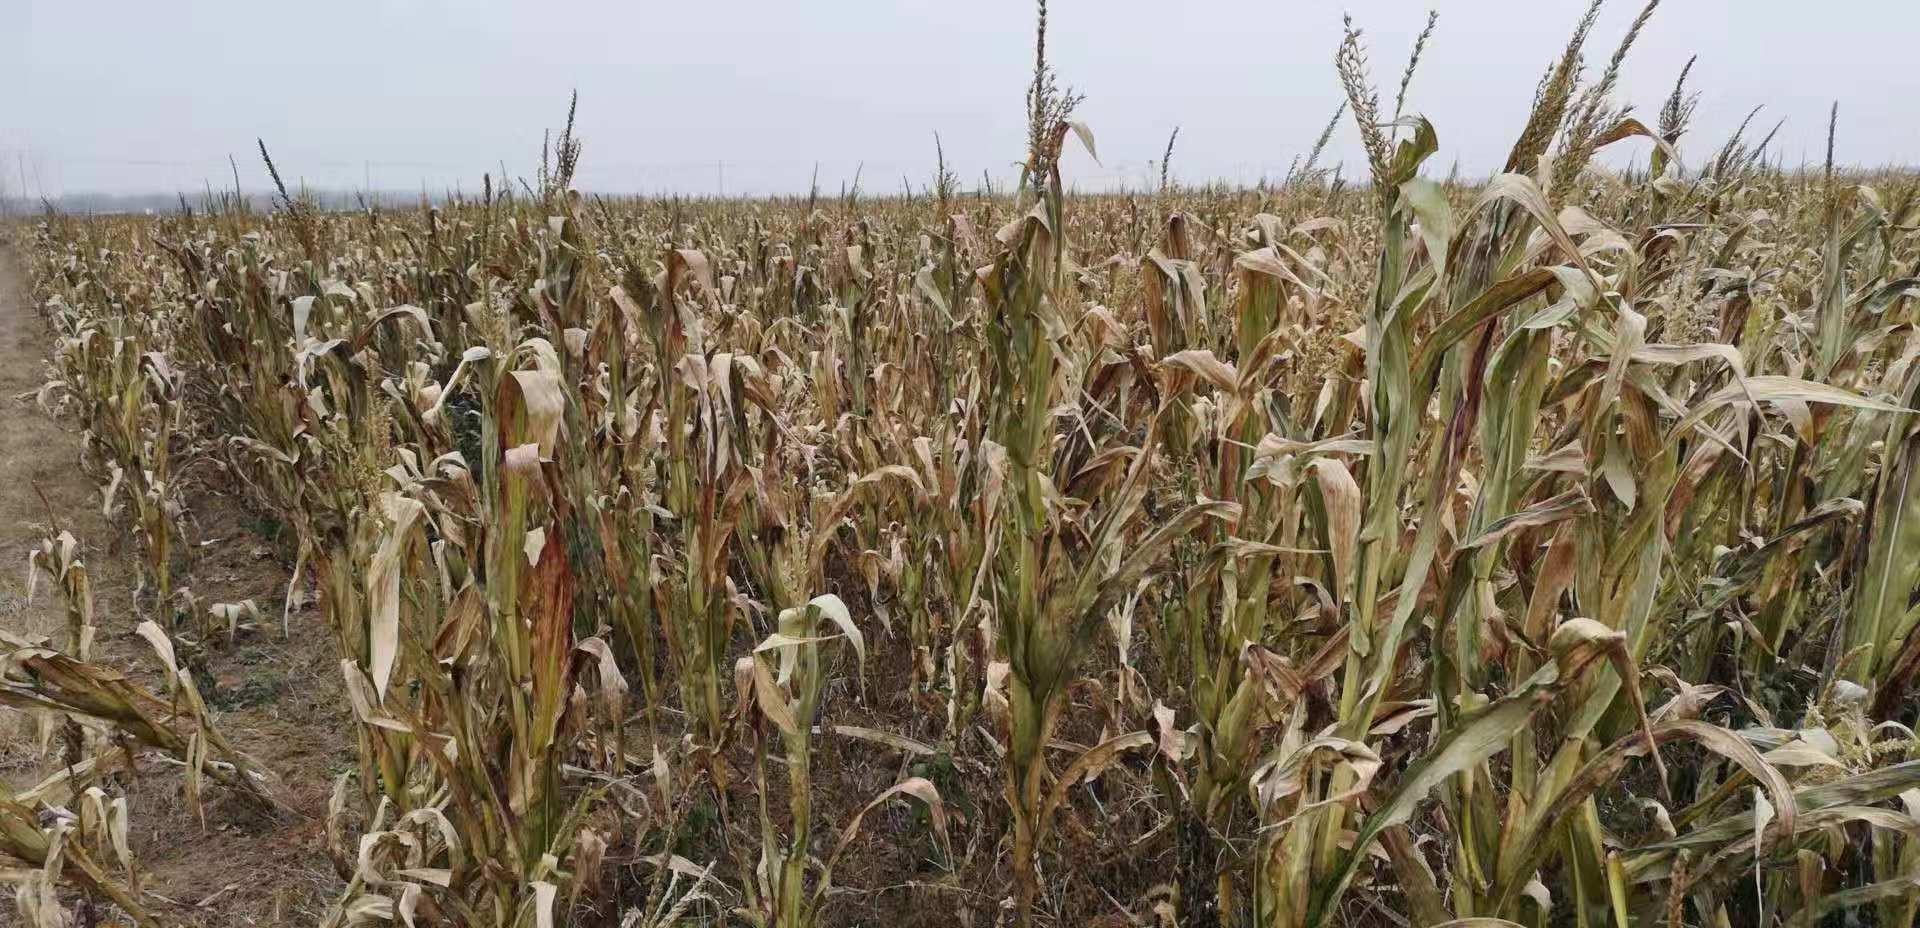 常州玉米秸秆的用途和特点,玉米秸秆